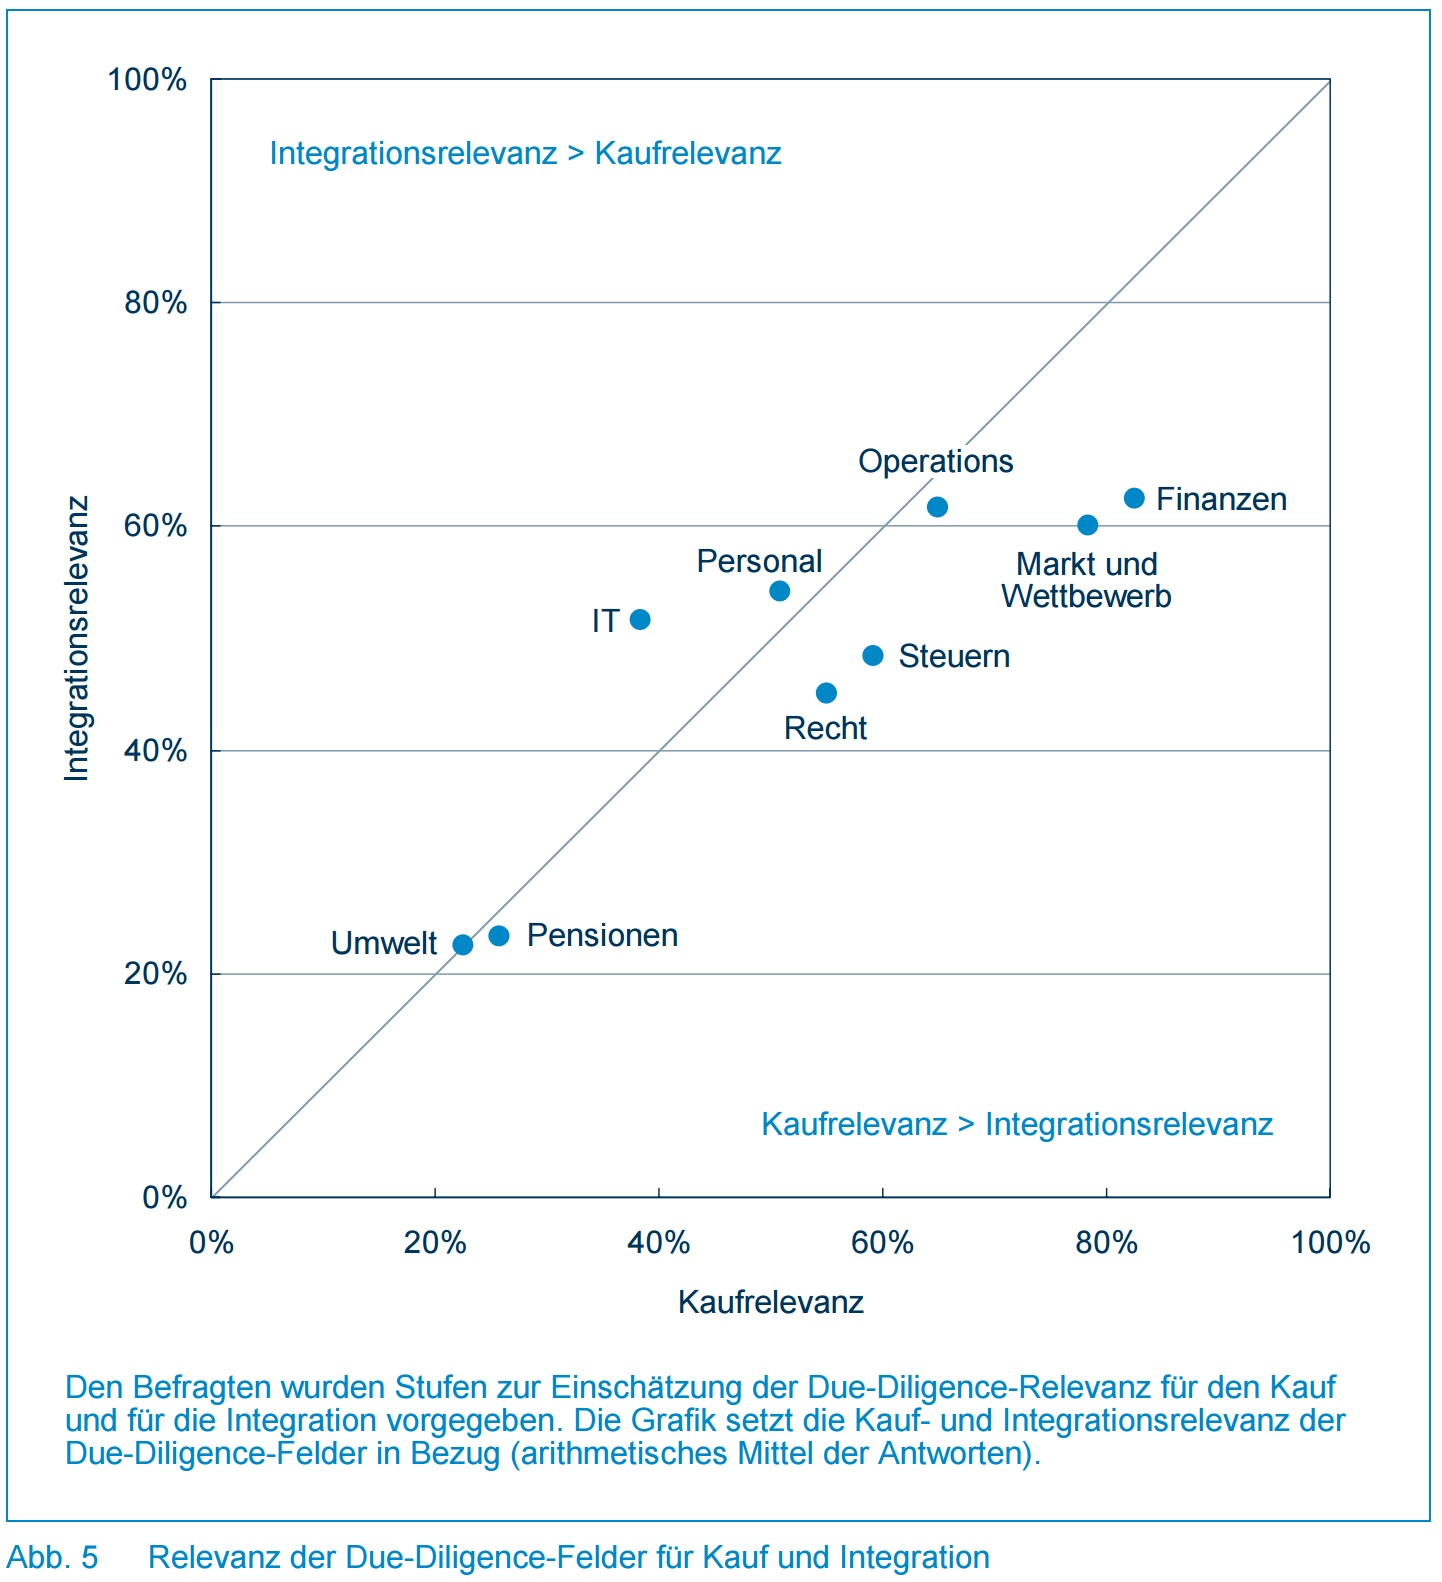 Abb. 5 - Relevanz der Due-Diligence-Felder für Kauf und Integration